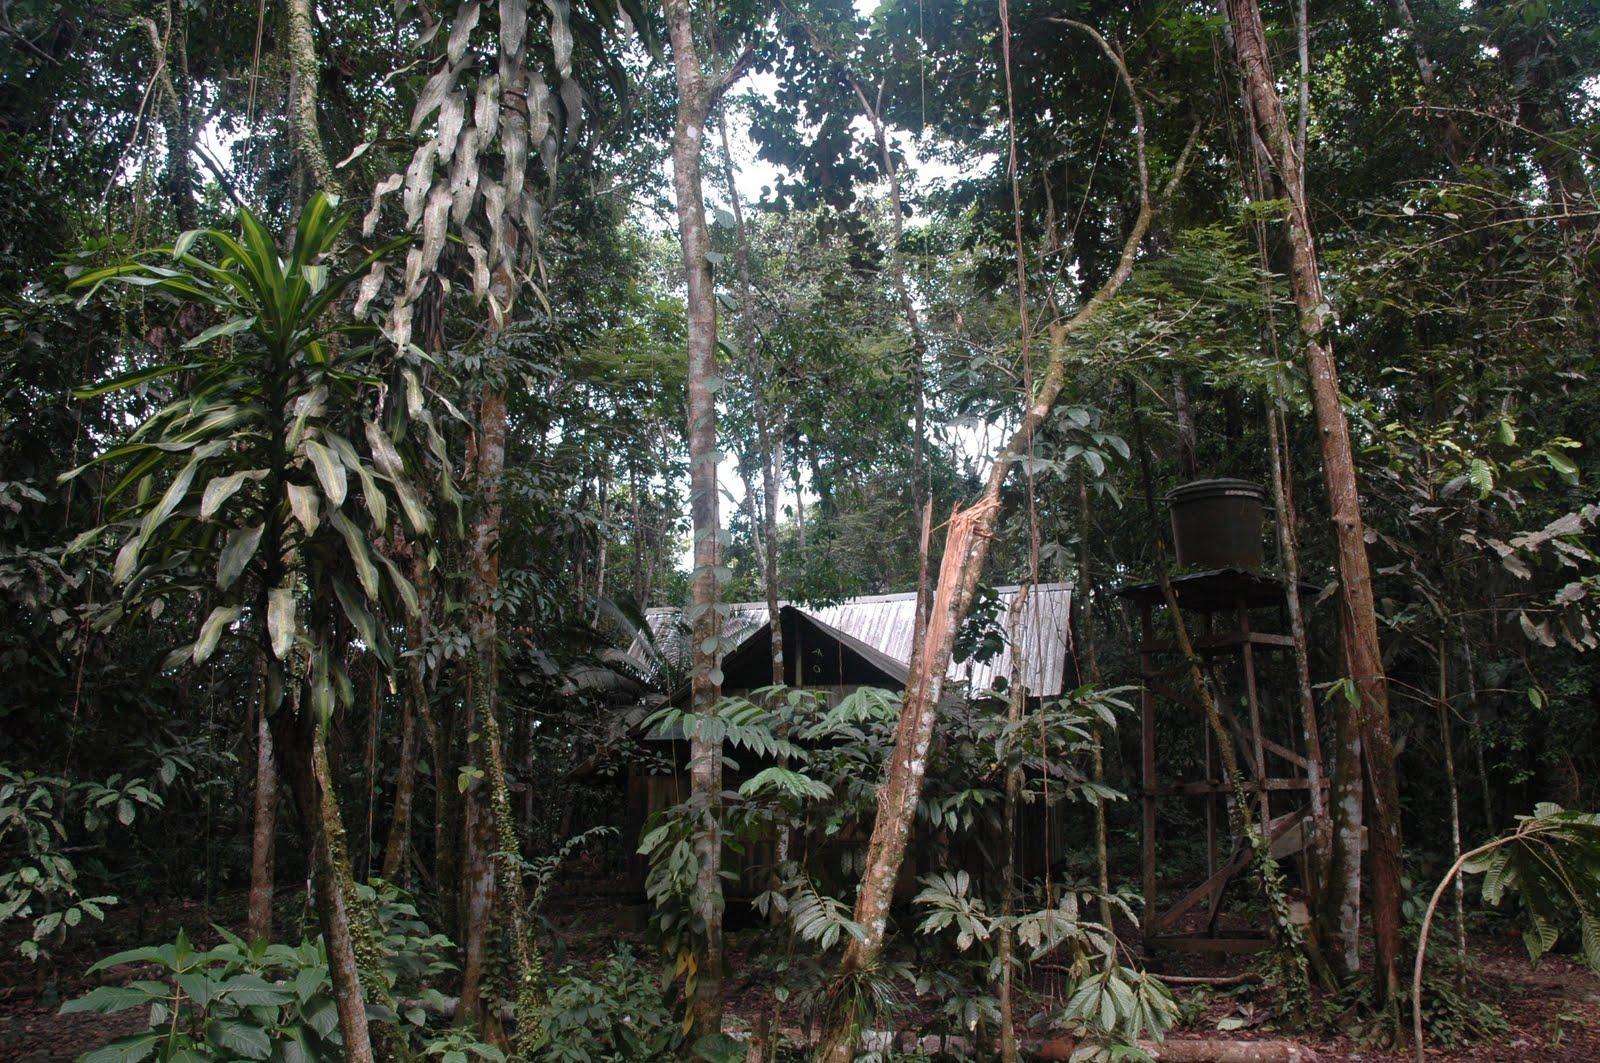 L'antropologa: «Impariamo dalle culture che rispettano la natura»